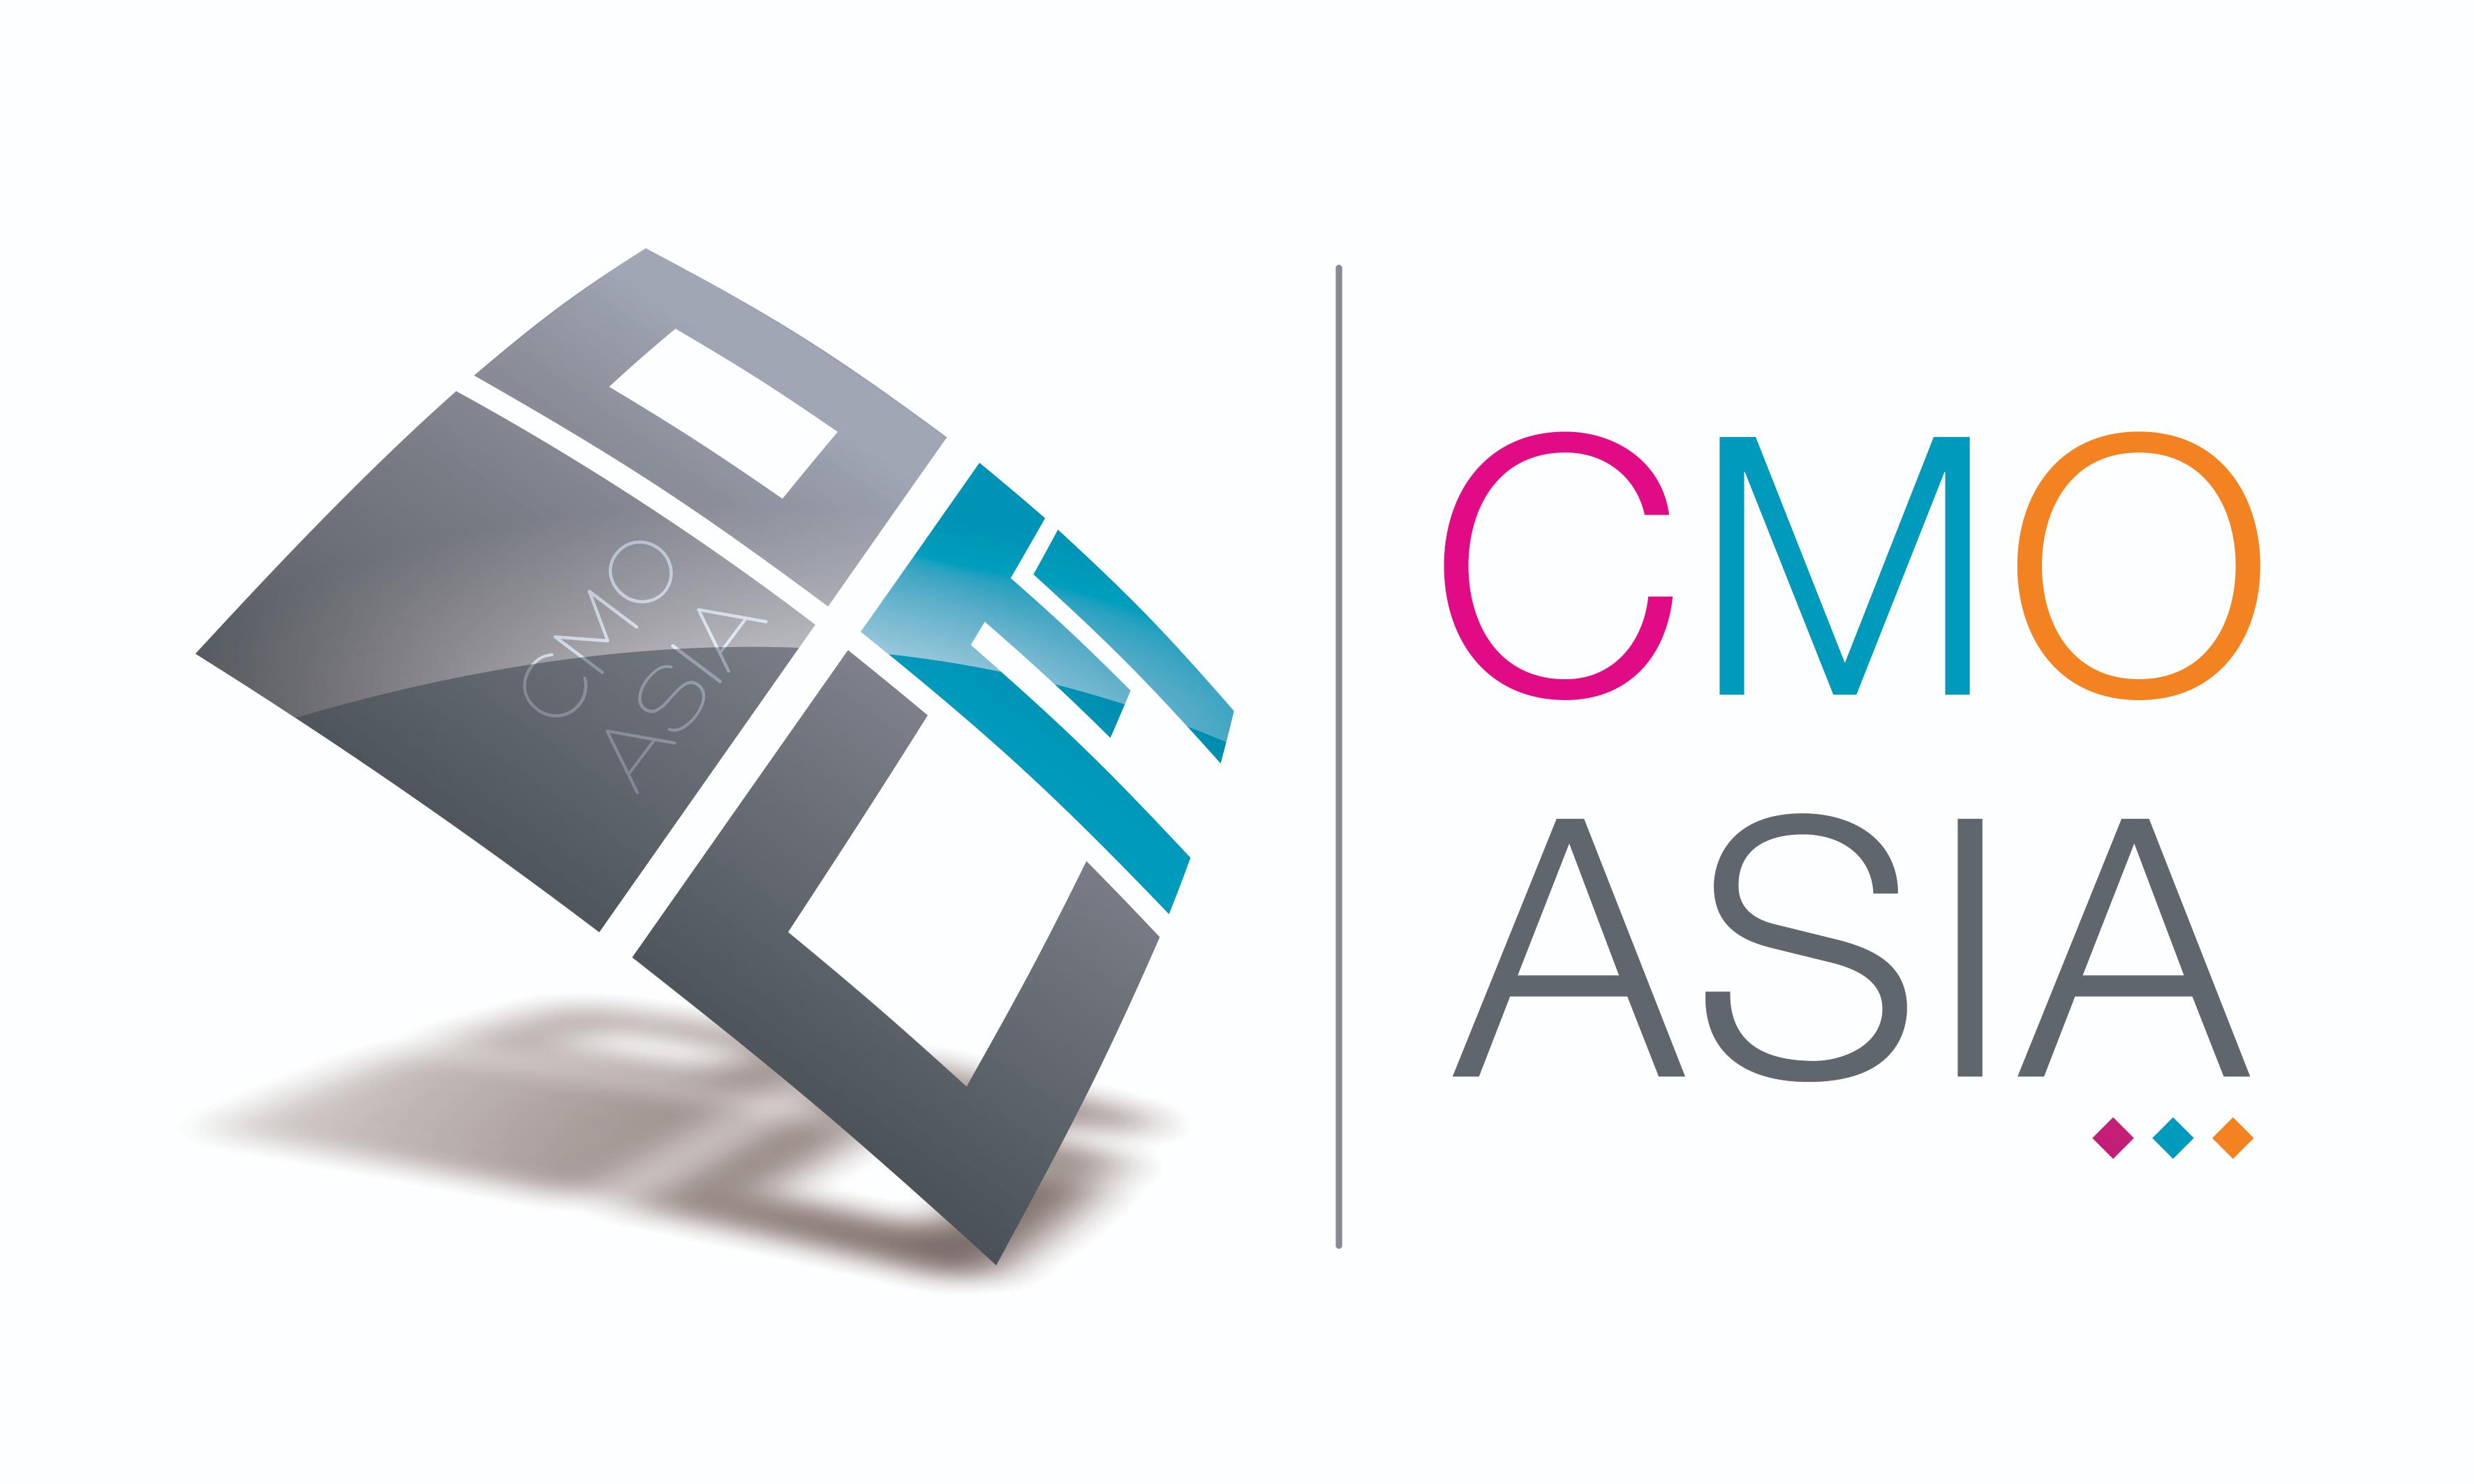 CMO Asia